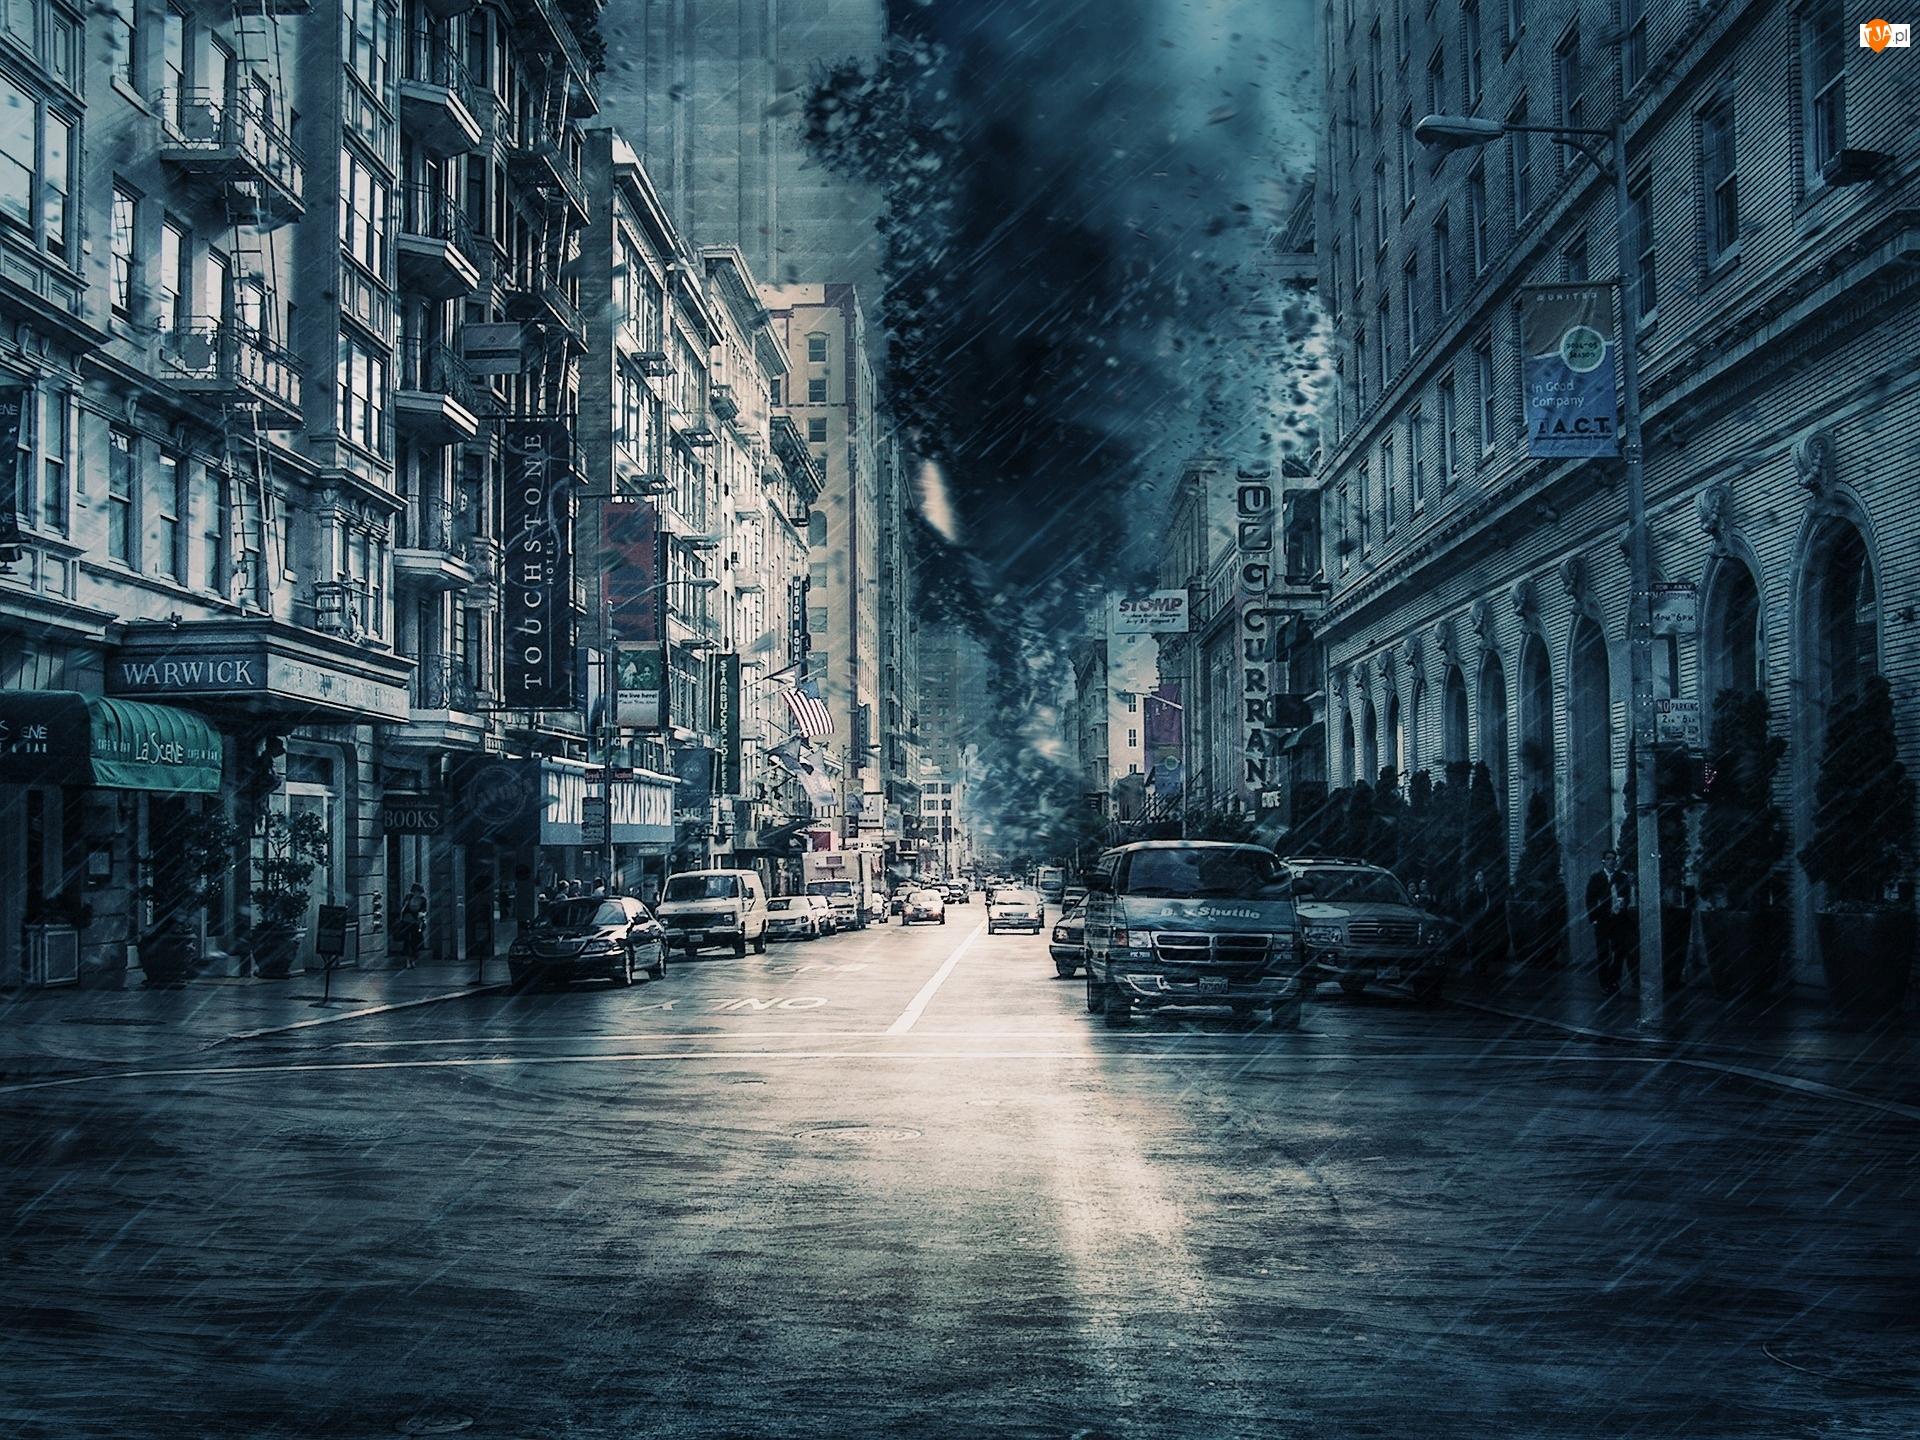 Samochody, Deszcz, Ulica, Miasto, Domy